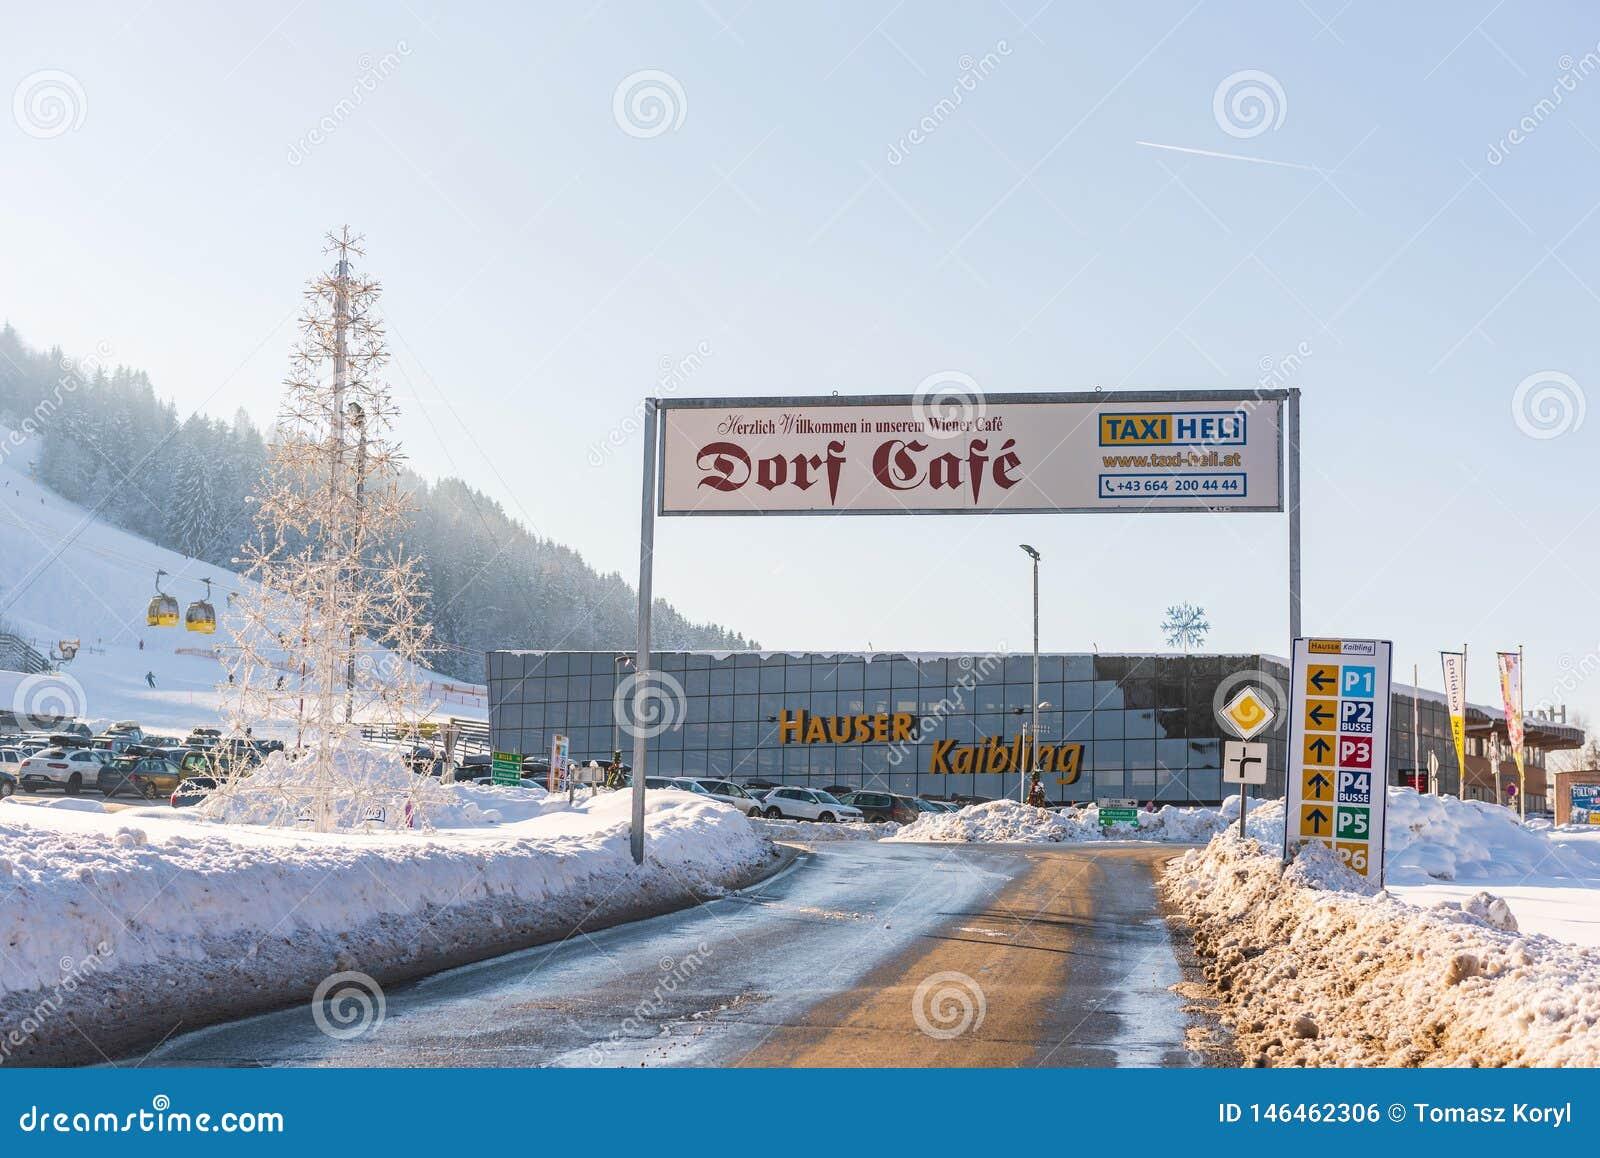 Χώρος στάθμευσης αυτοκινήτων σε Hauser Kaibling Τοπ χιονοδρομικά κέντρα της Αυστρίας